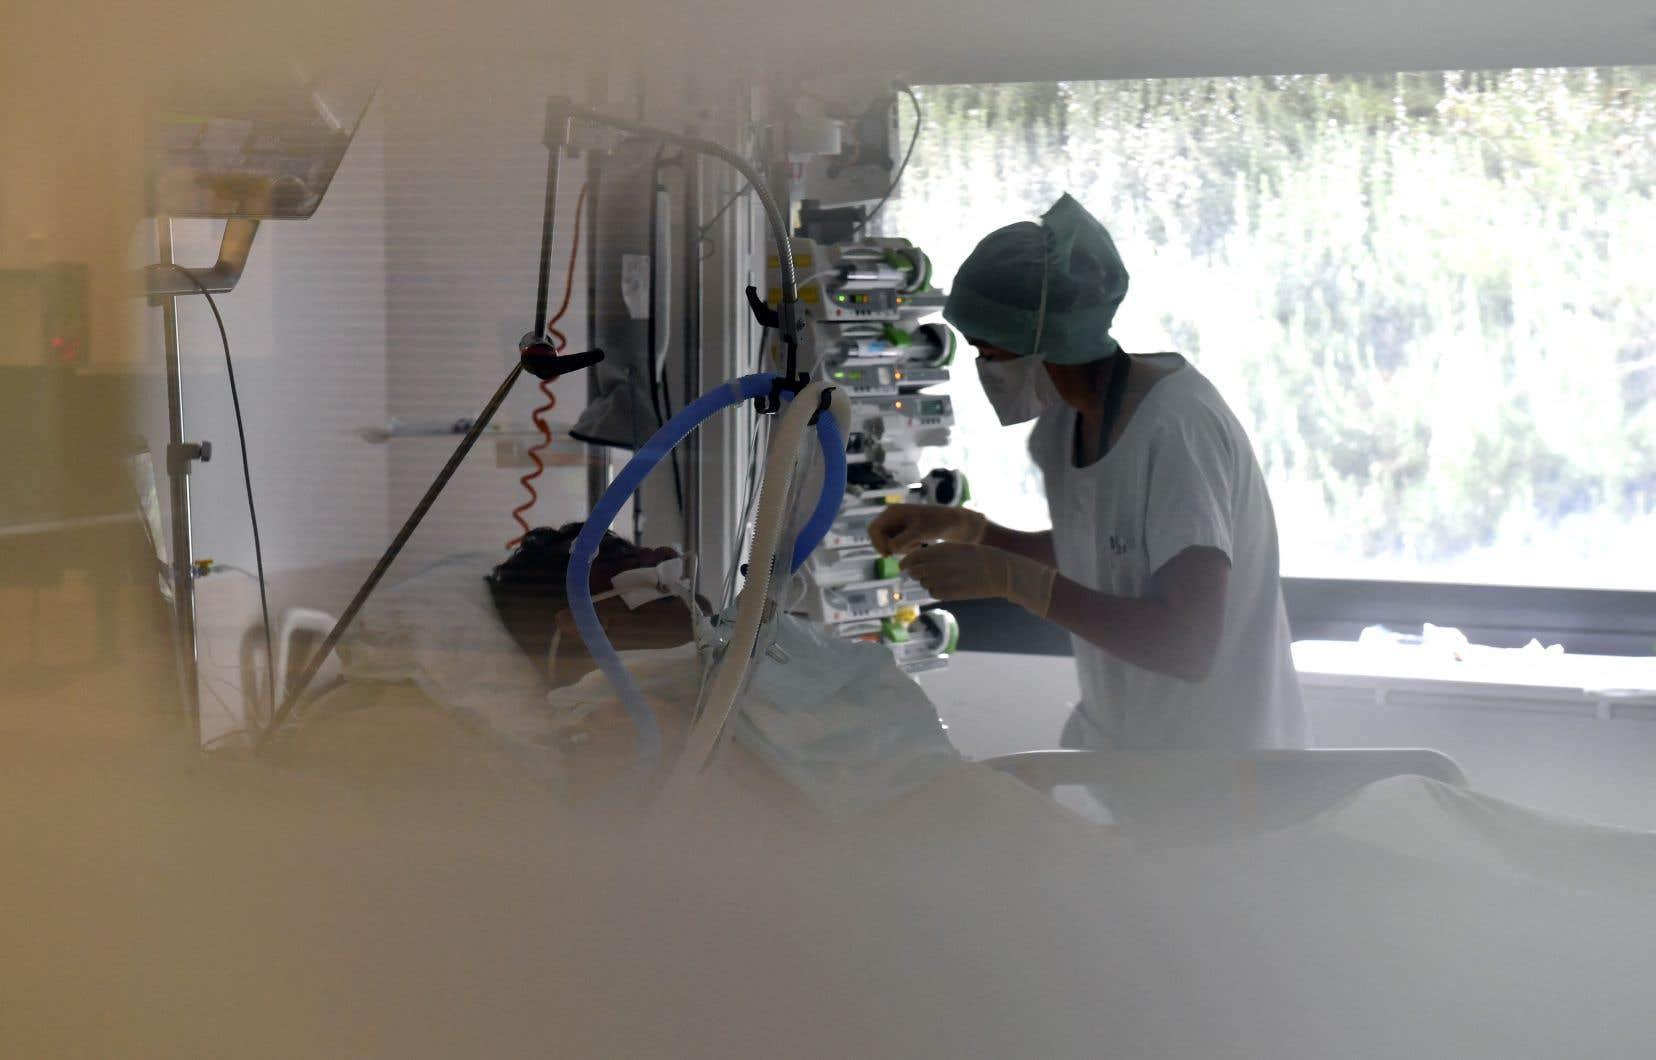 «La vaccination contre la COVID-19 devrait être obligatoire pour tout le personnel des établissements de santé ayant des contacts avec les patients, y compris le personnel d'entretien, notamment dans les départements d'oncologie», écrit l'autrice.